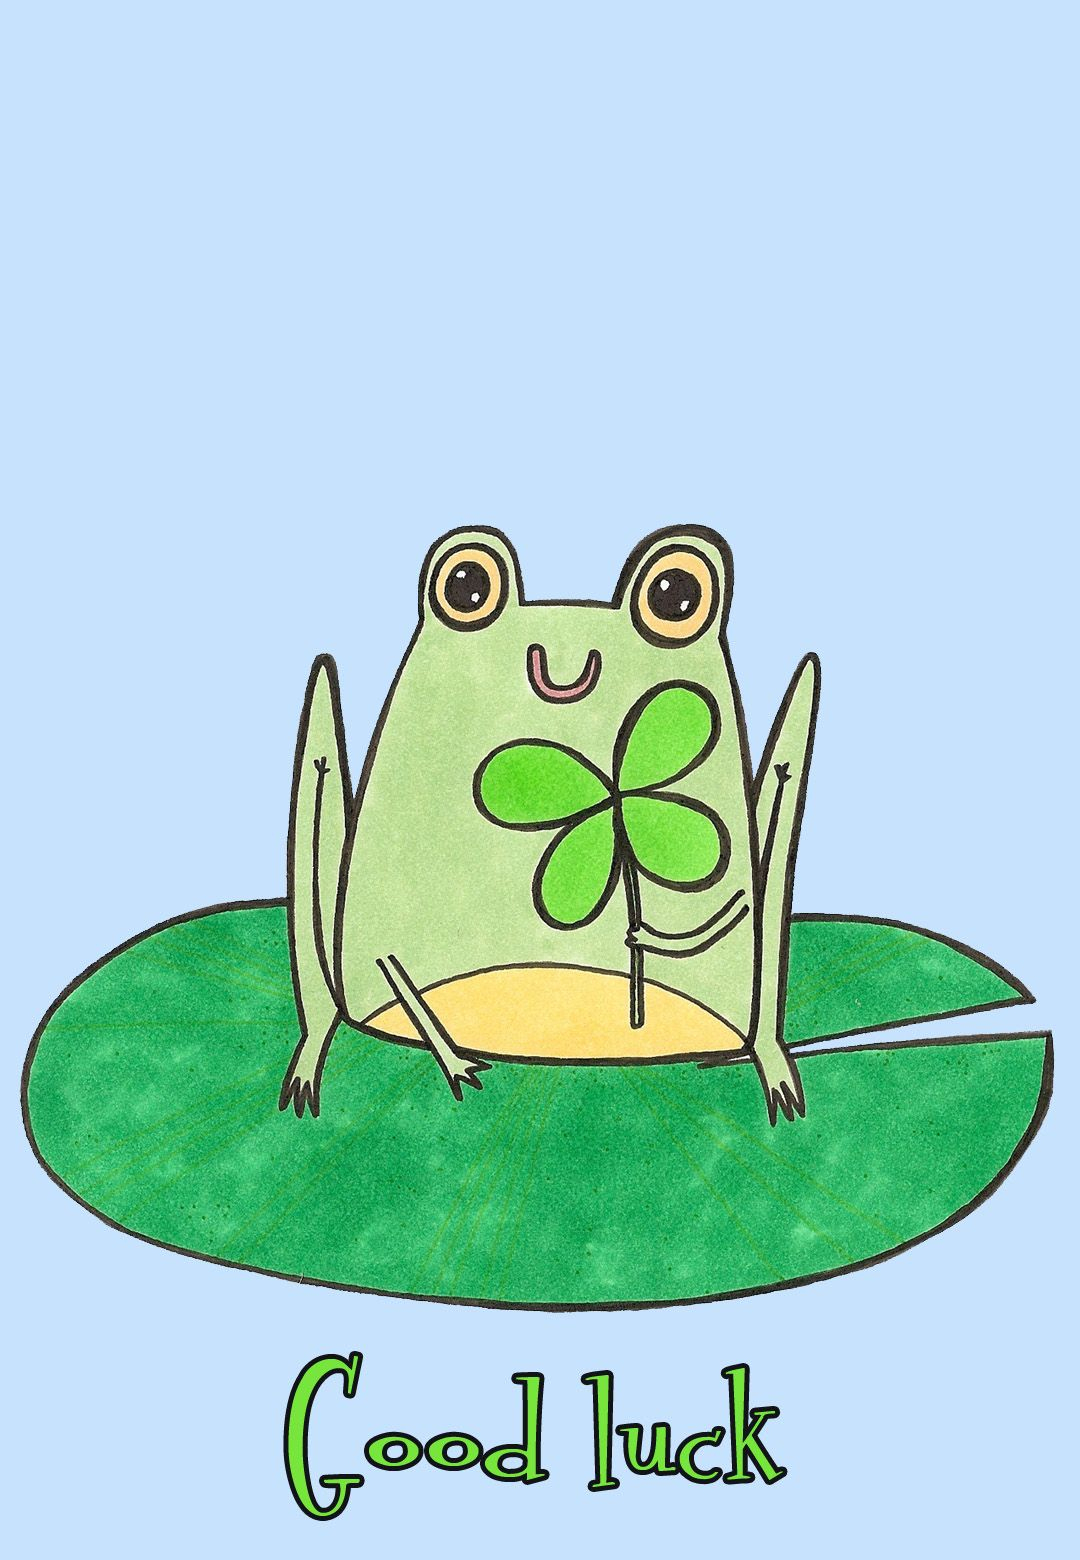 Free Printable Good Luck Frog Greeting Card   Cards   Good Luck - Free Printable Good Luck Cards